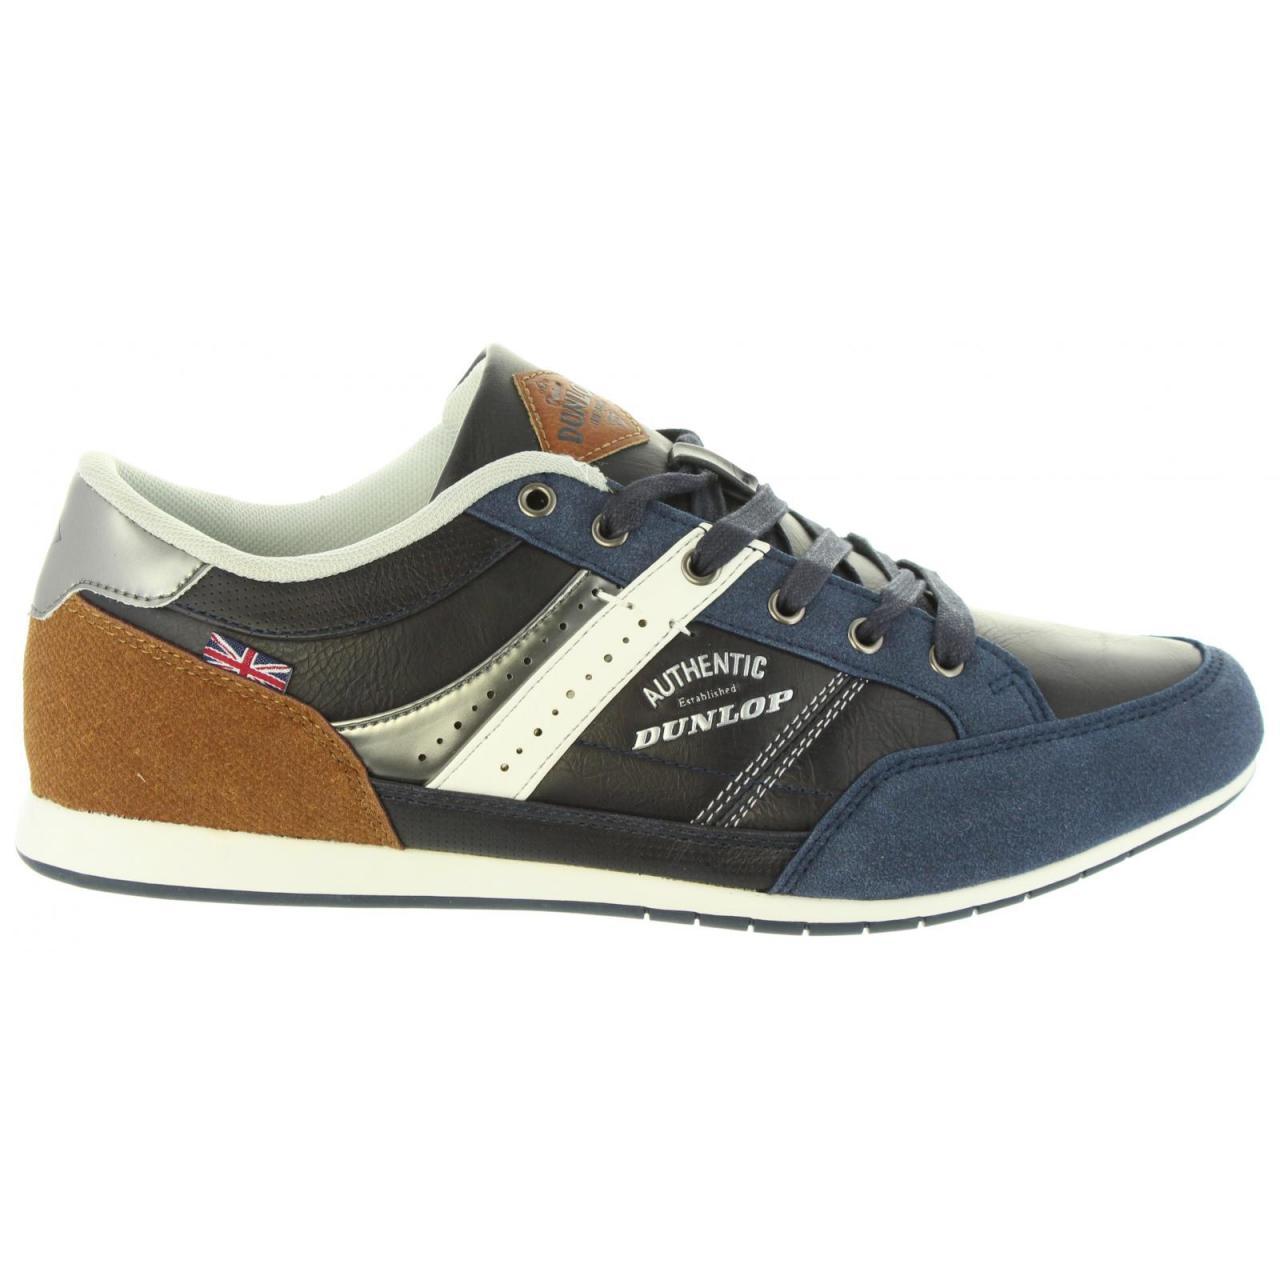 Pánske tenisky topánky Dunlop casual 35256 G190  eff5cc80834